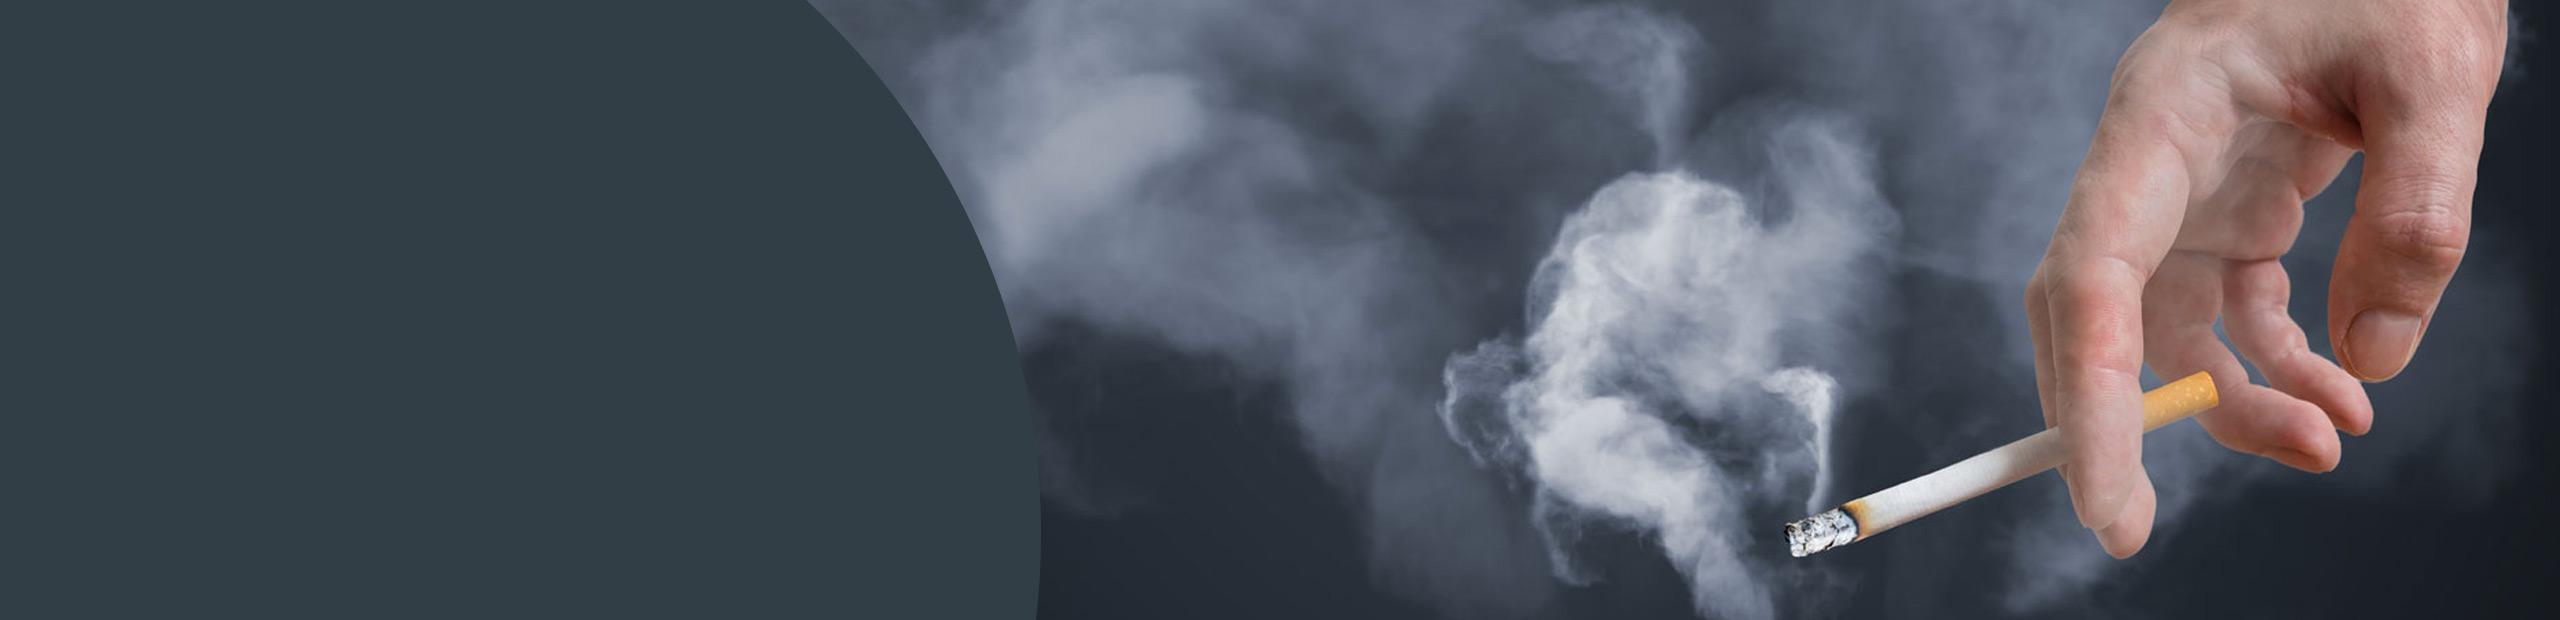 Cigarette Smoke Removal Banner